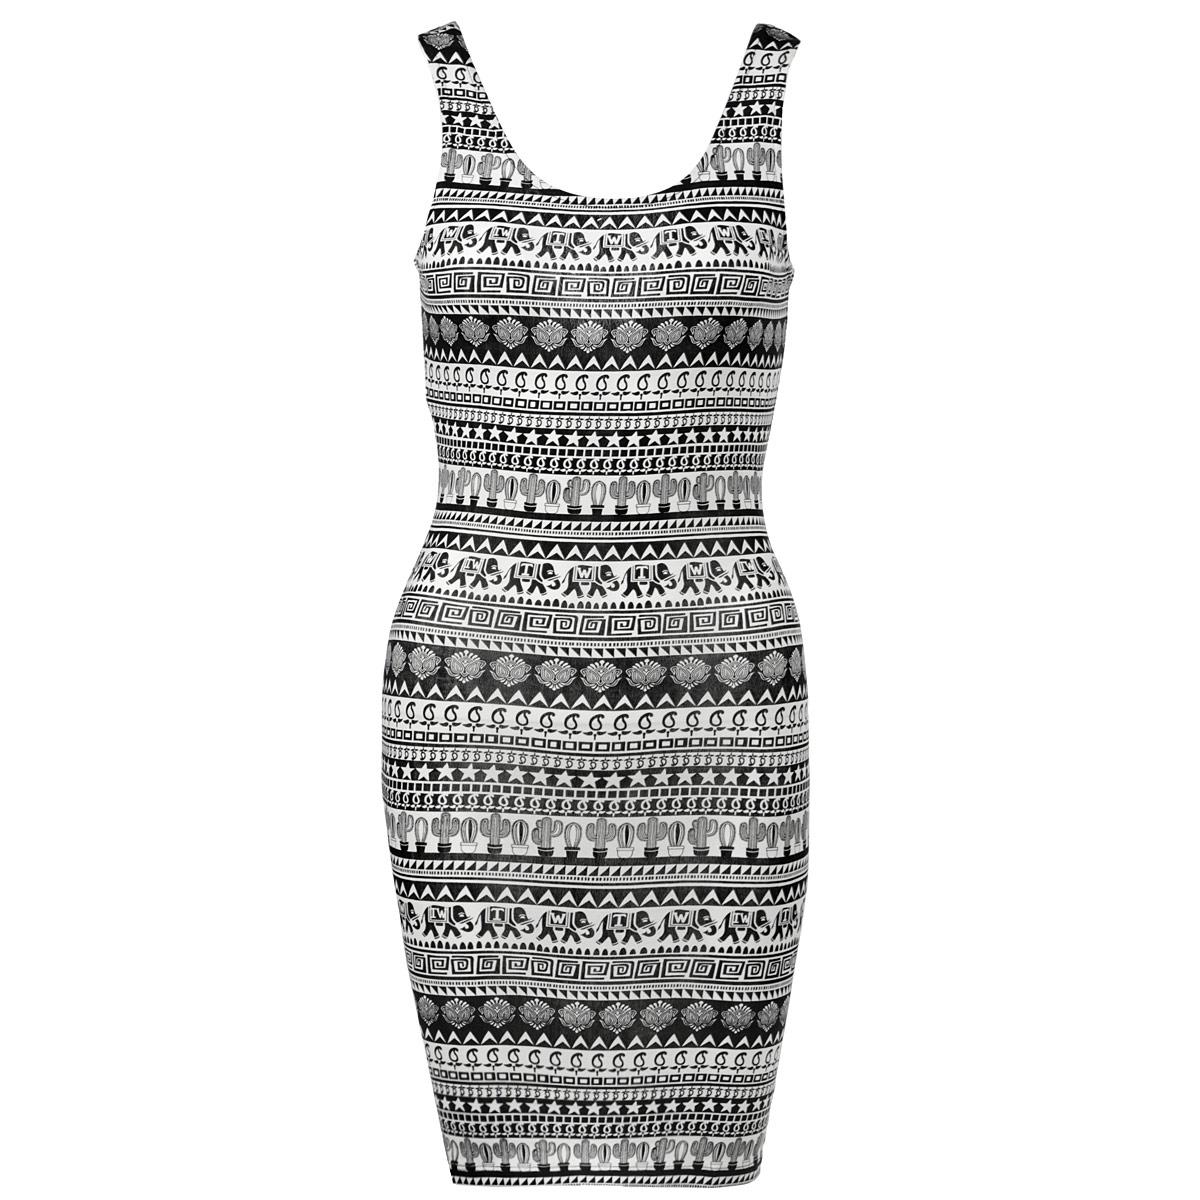 ПлатьеSDRCOSINDIAZ HHAA/BLKWHI001Симпатичное летнее платье Tally Weijl, выполненное из высококачественного трикотажного материала, - находка для современной женщины, желающей выглядеть стильно и модно. Модель облегающего кроя на широких бретельках, с круглым вырезом горловины. Платье оформлено оригинальным принтом. На спинке глубокий полукруглый вырез. Такая модель, несомненно, вам понравится и послужит отличным дополнением к вашему гардеробу.